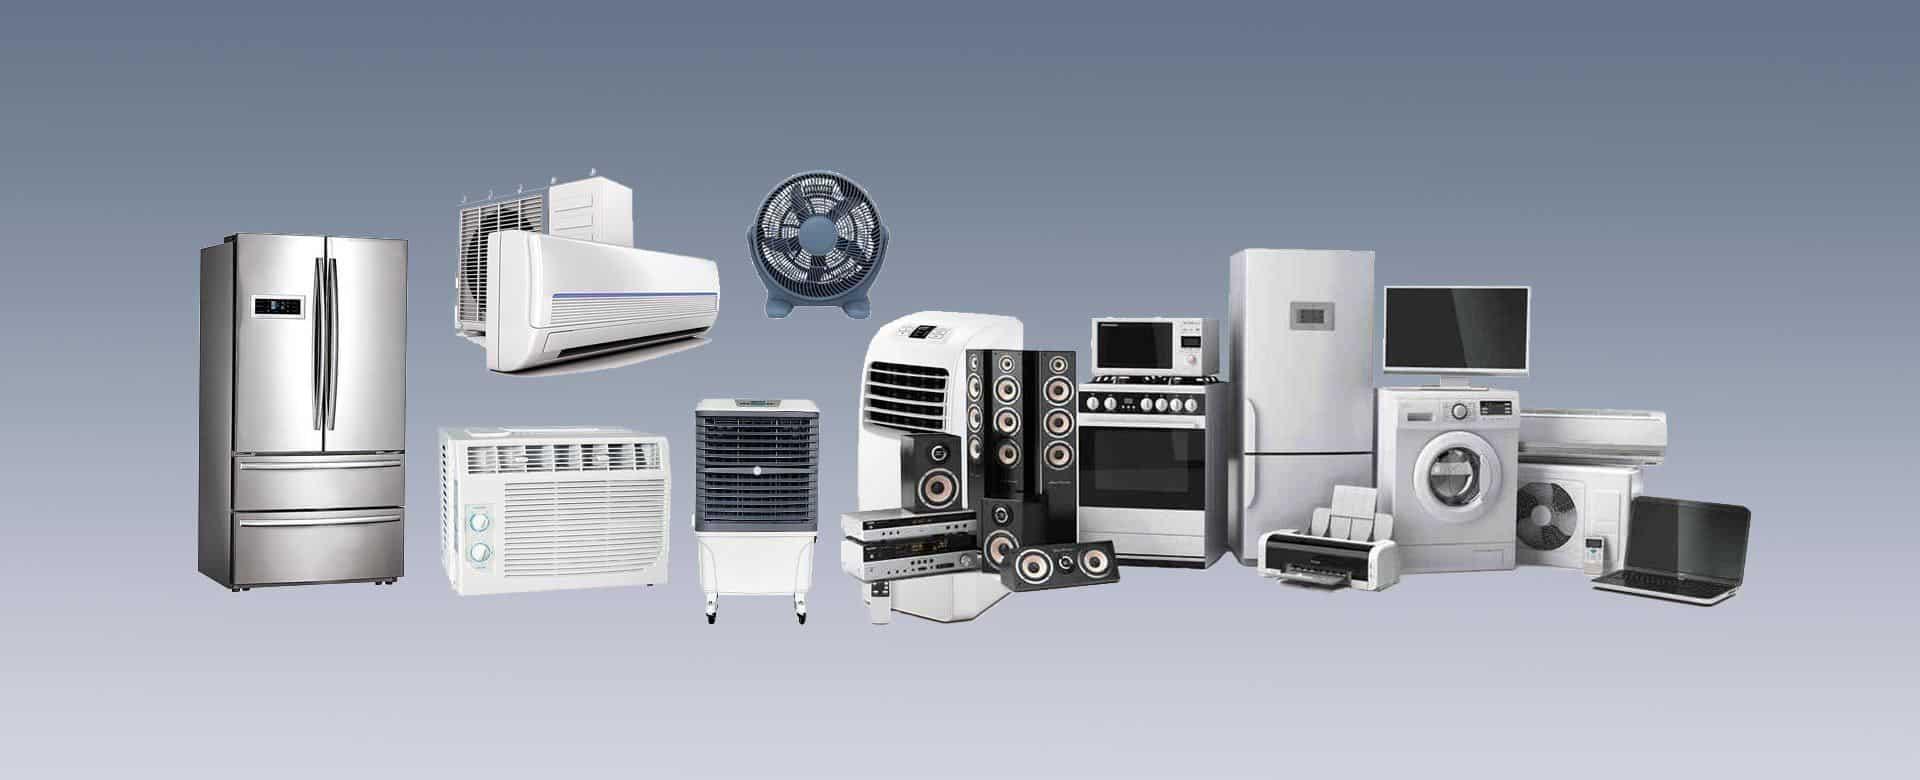 Trung tâm Bảo Hành Gia Khang - Sửa chữa, bảo trì điện lạnh chính hãng